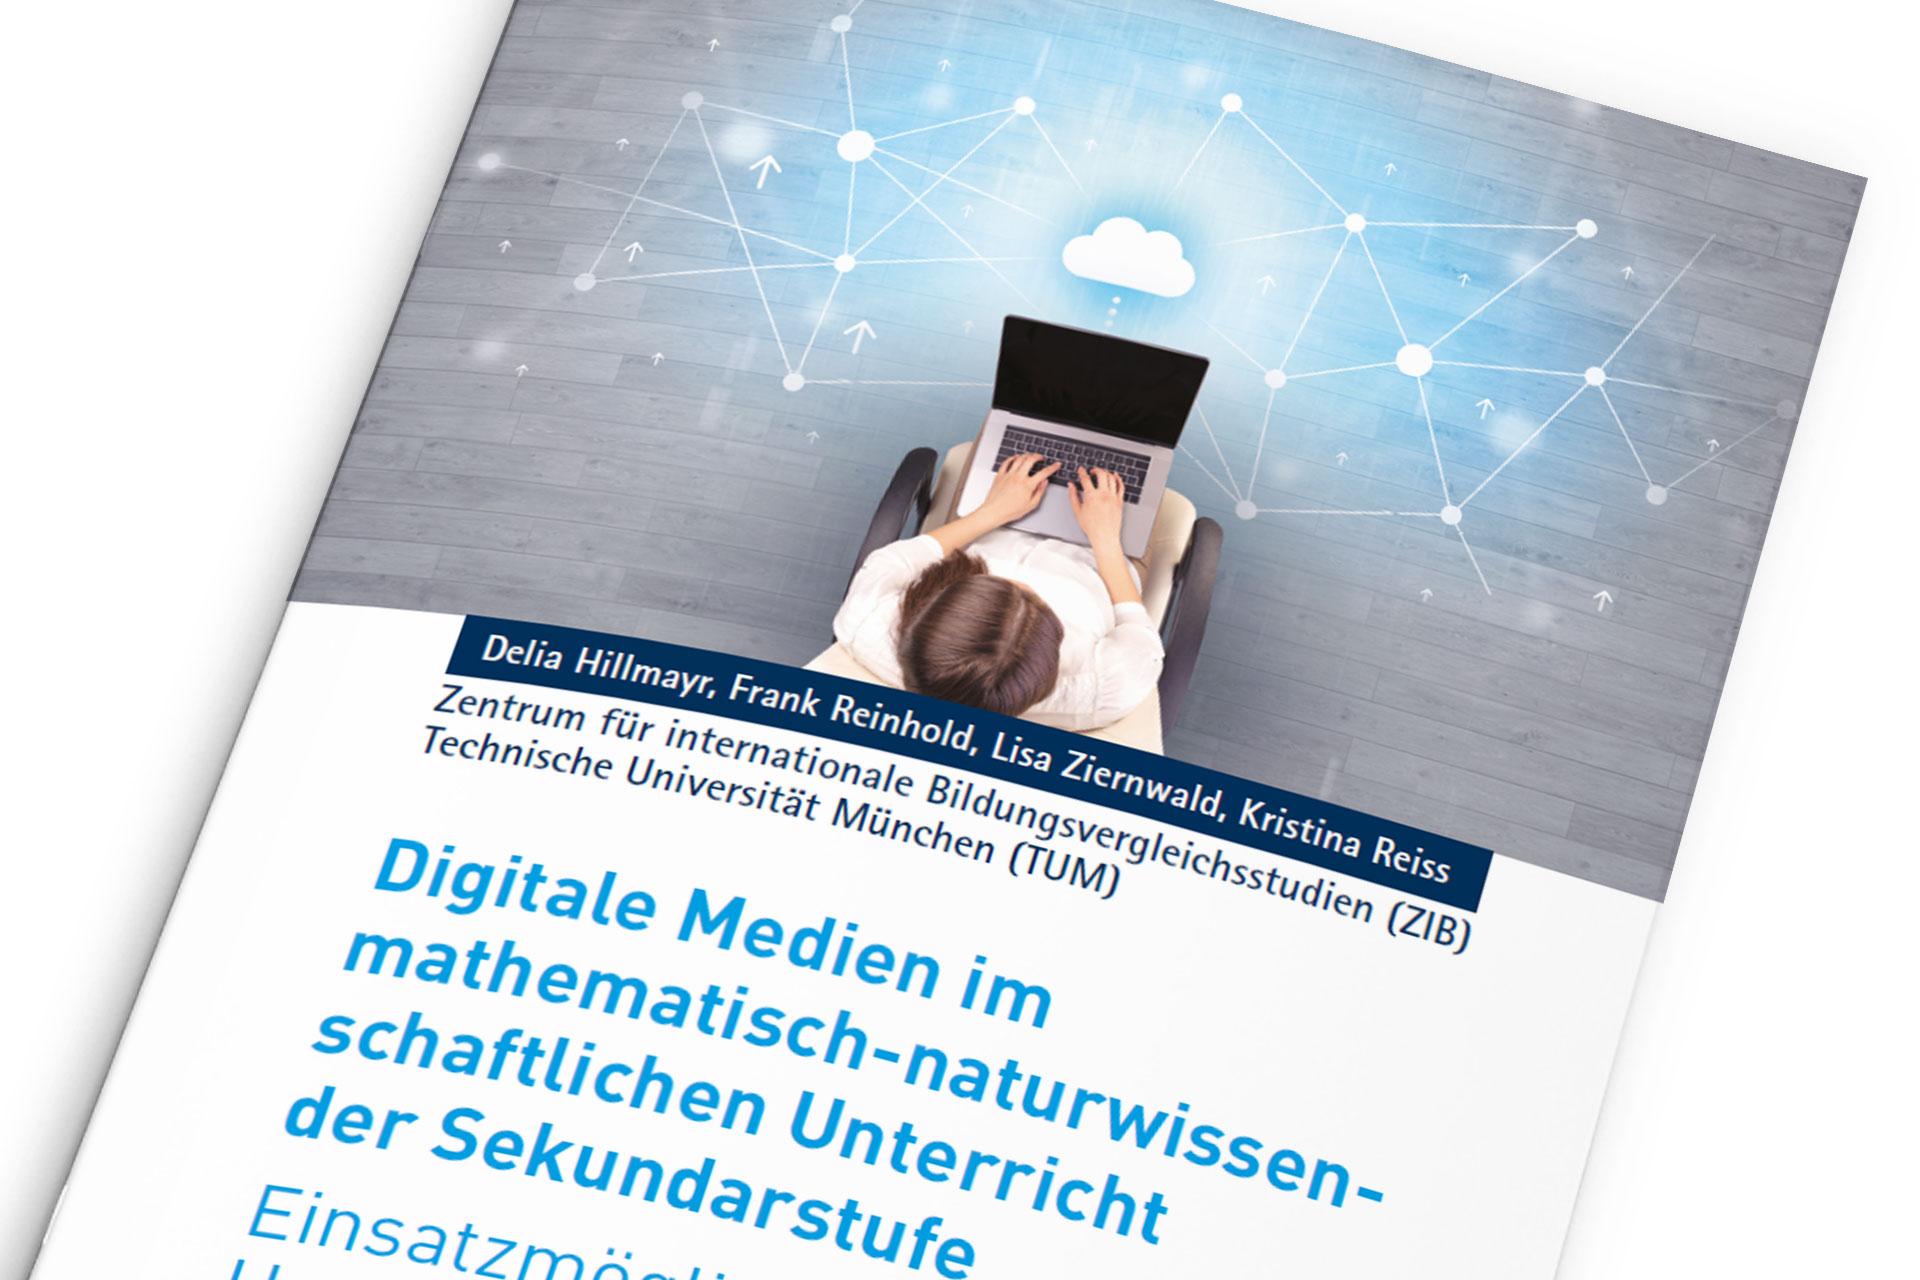 Titelseite Broschüre Digitale Medien im mathematische-naturwissenschaftlichen Unterricht der Sekundarstufe vom Zentrum für internationale Bildungsvergleichsstudien (ZIB)